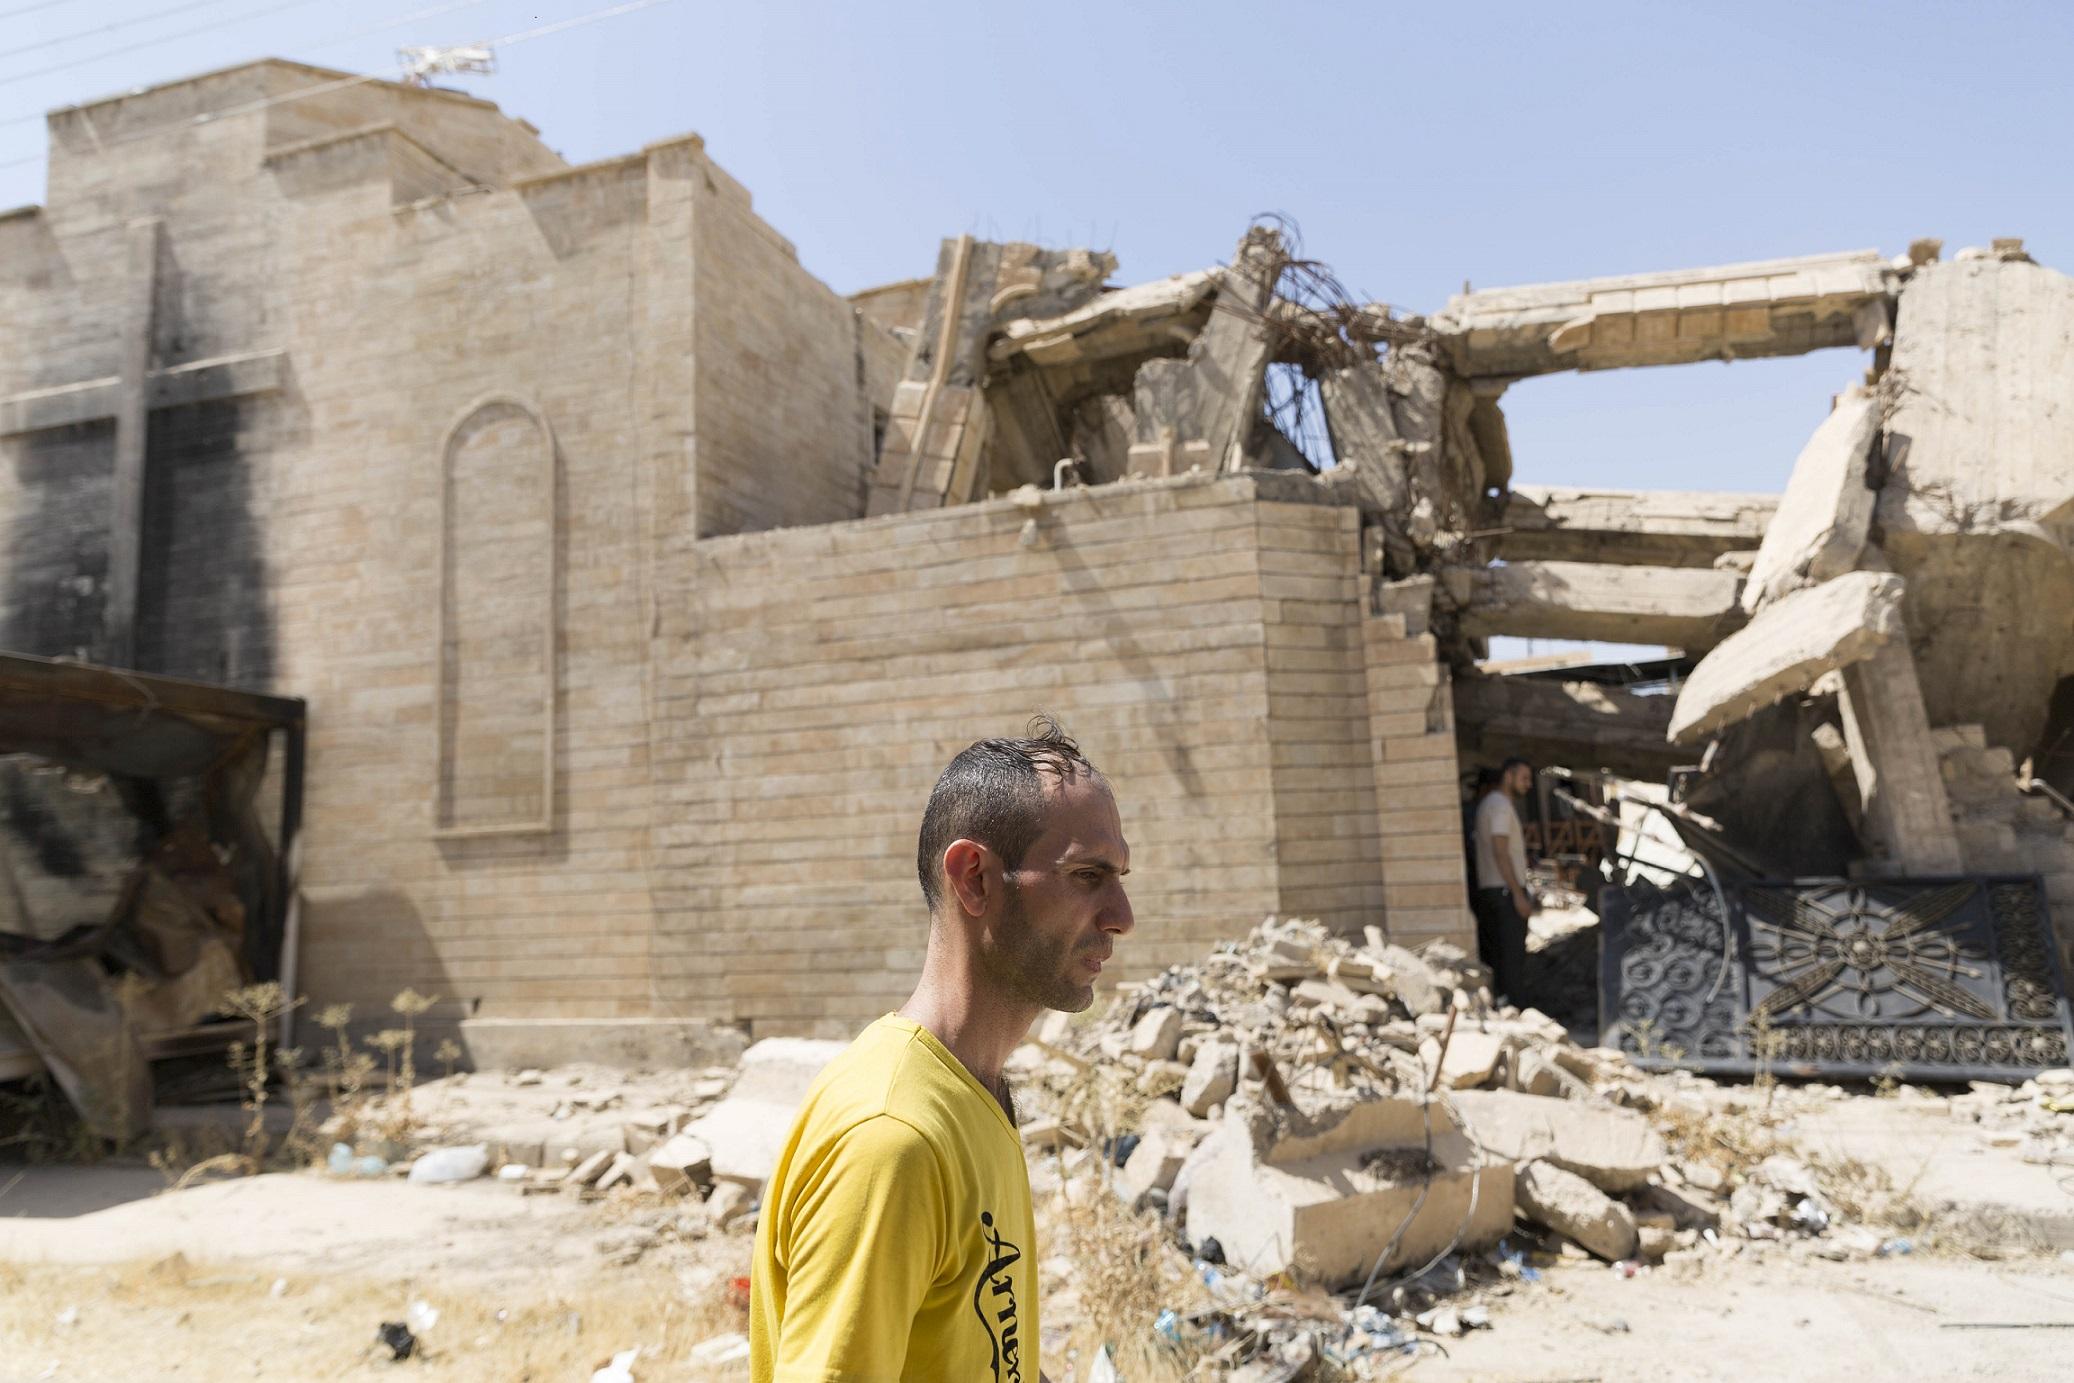 La chiesa di Bartella, Iraq. Foto di E. Confortin.